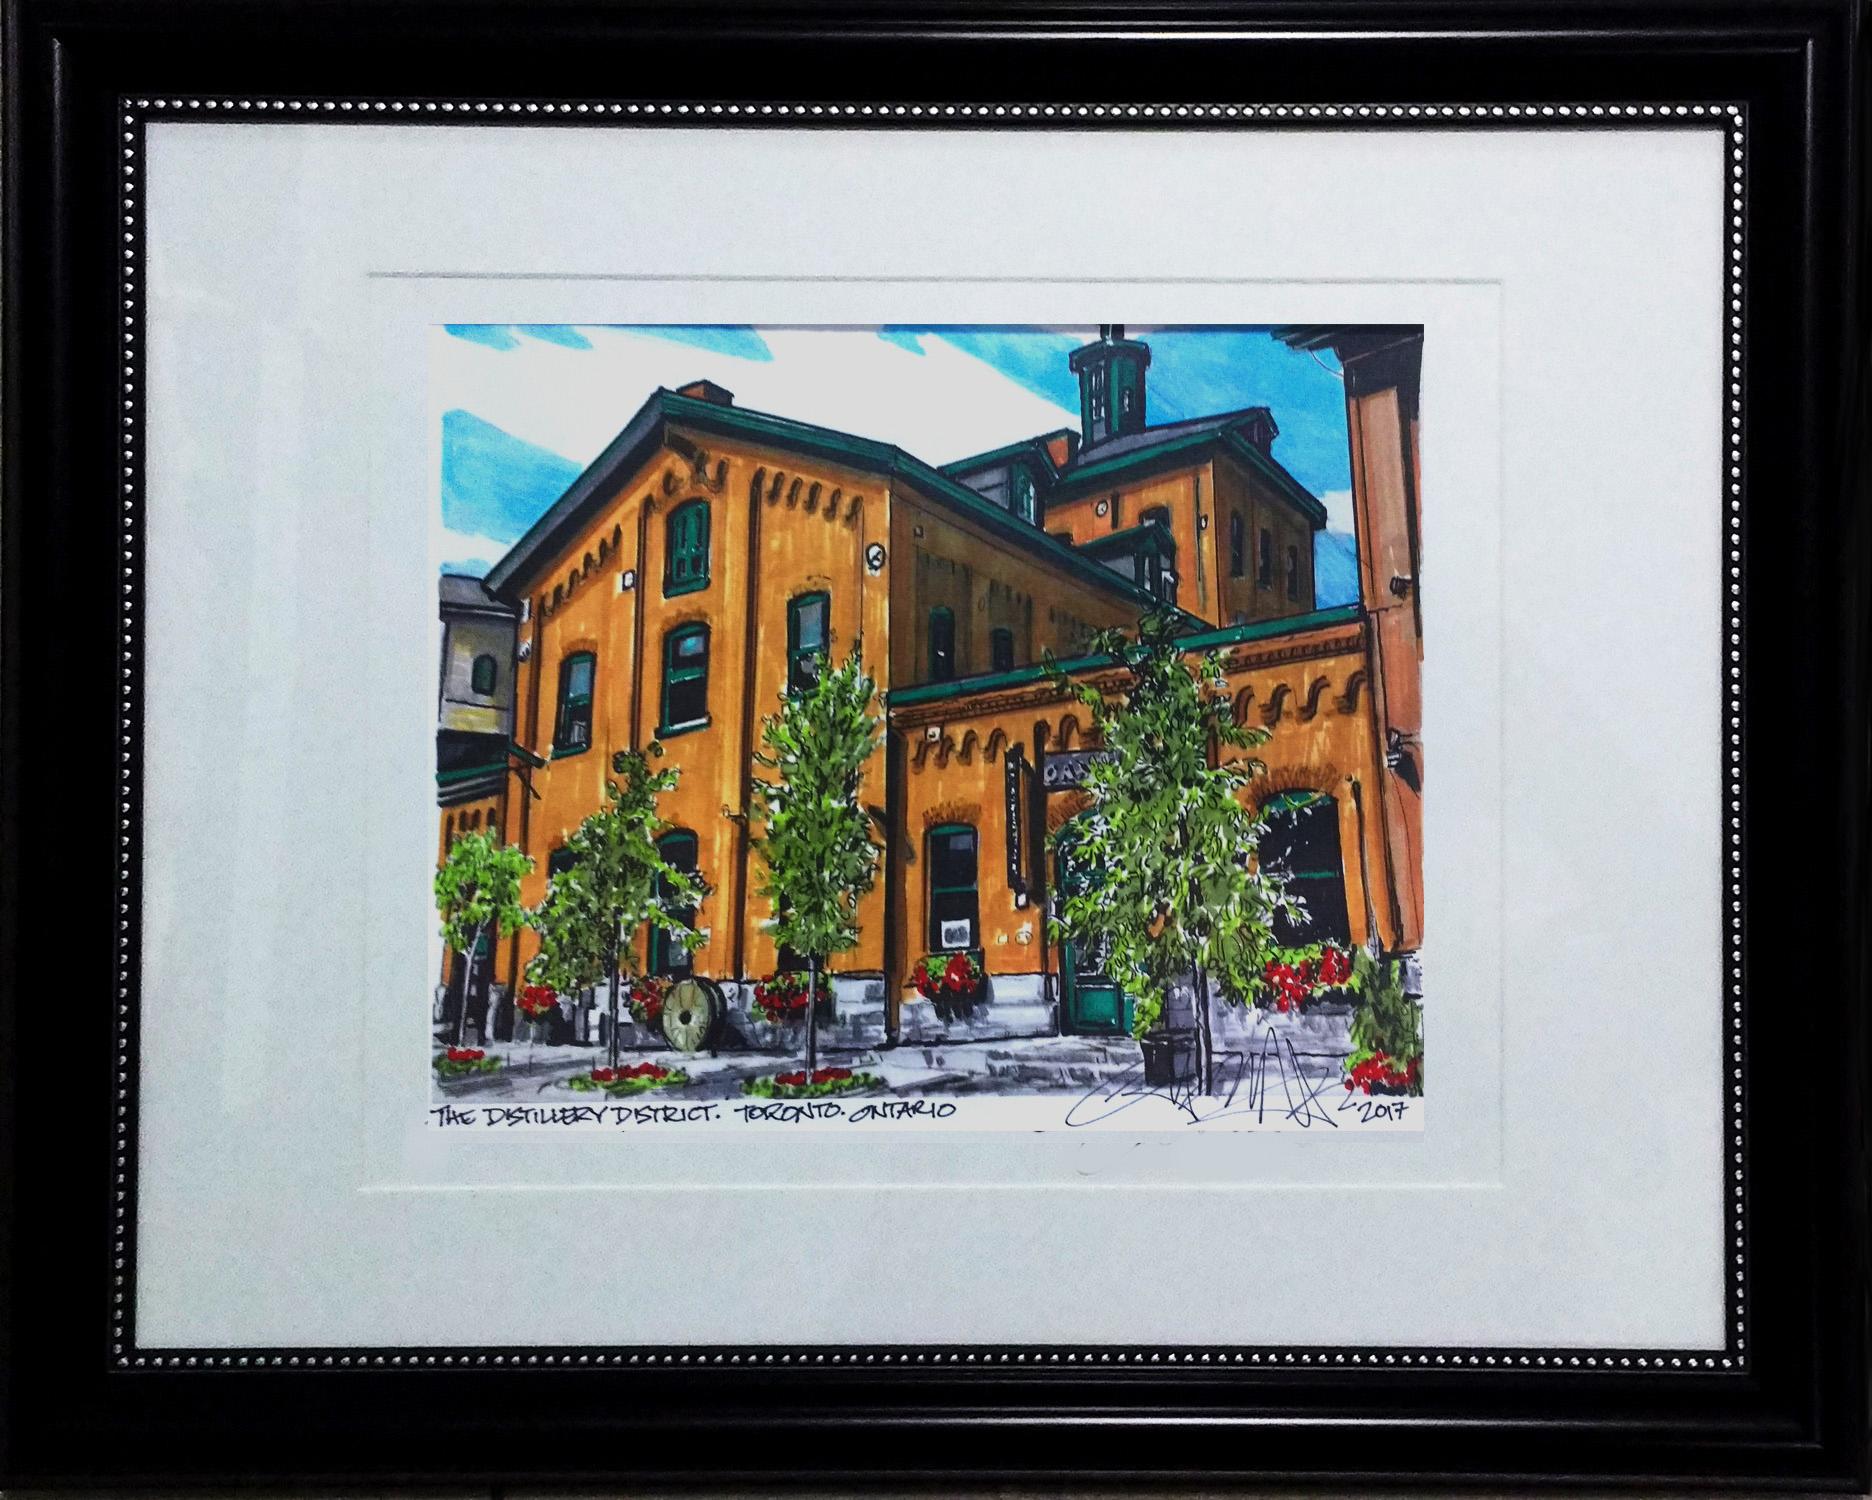 Framed Distillery District Toronto Illustrated.jpg